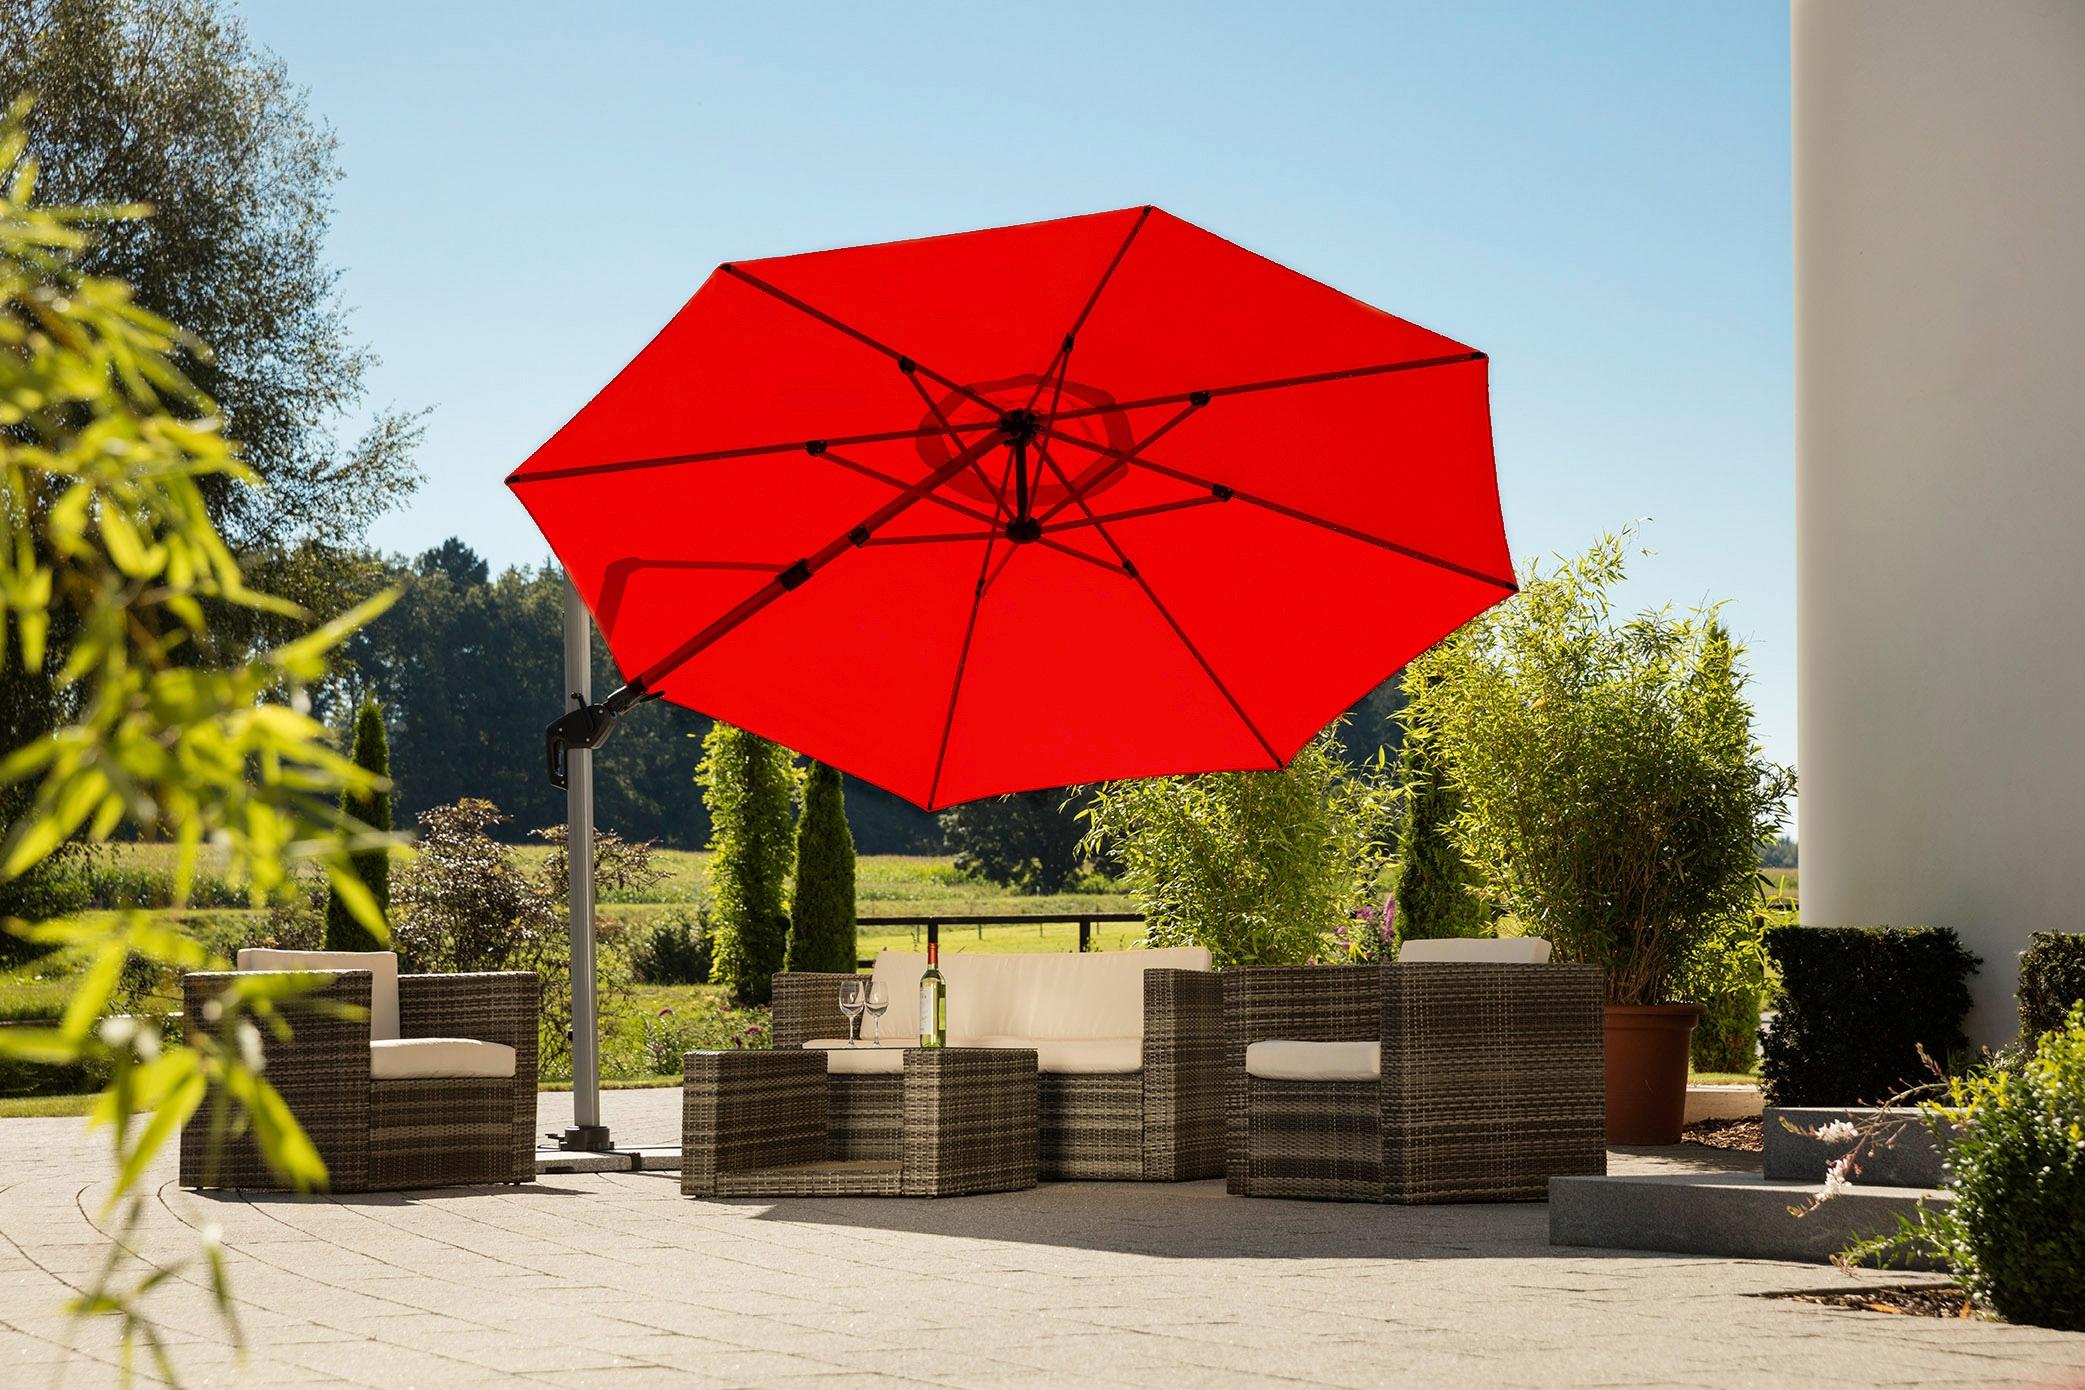 Schneider Schirme Ampelschirm Bermuda, mit Schirmständer, ohne Wegeplatten rot Sonnenschirme -segel Gartenmöbel Gartendeko